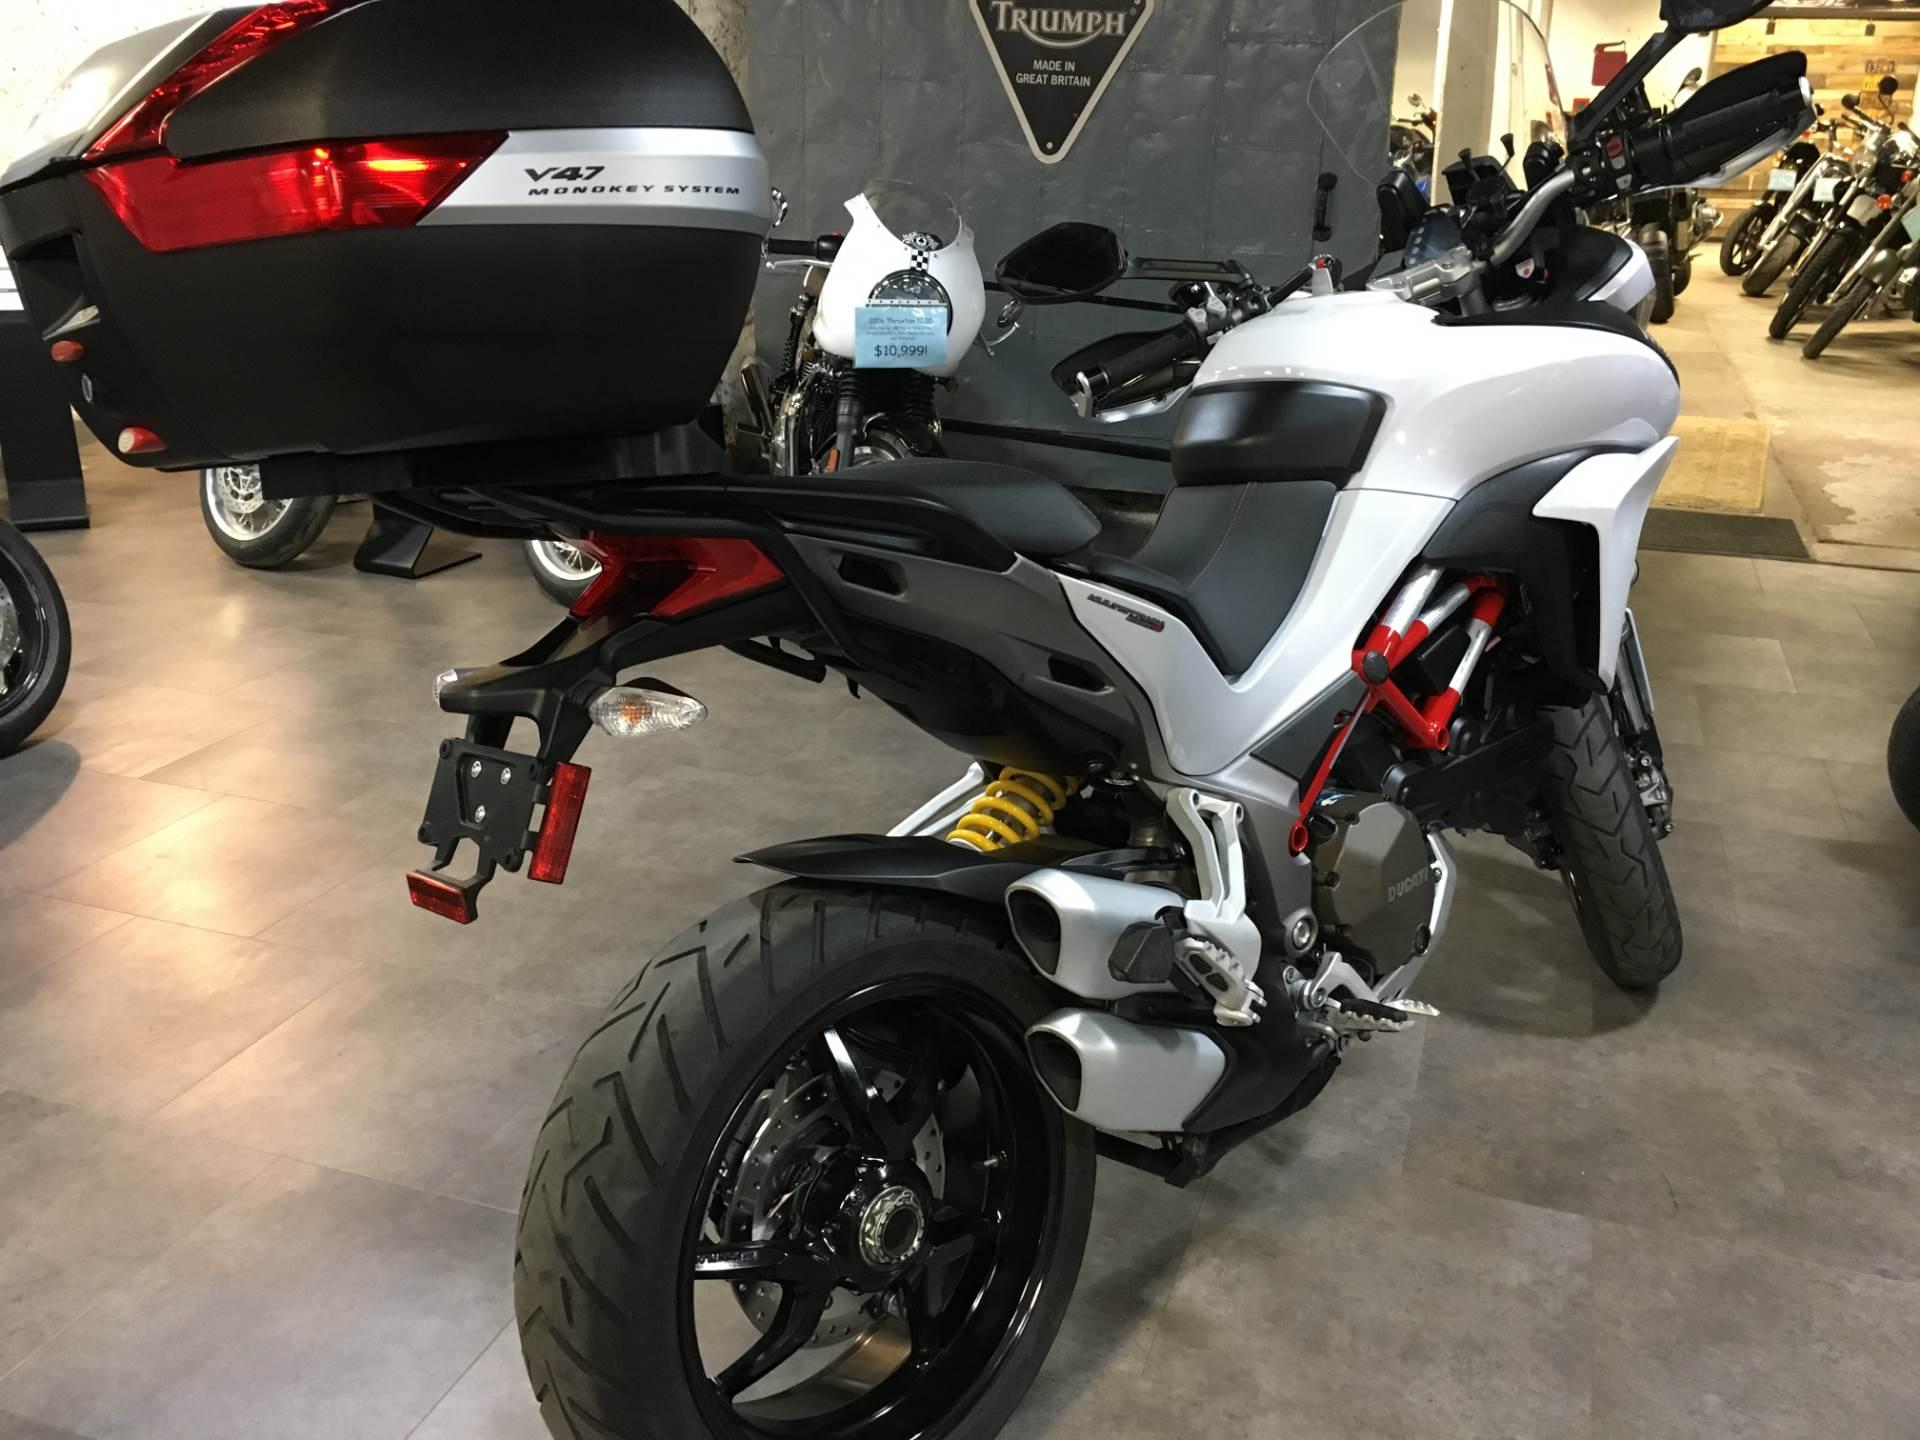 2015 Ducati Multistrada 1200 S in Philadelphia, Pennsylvania